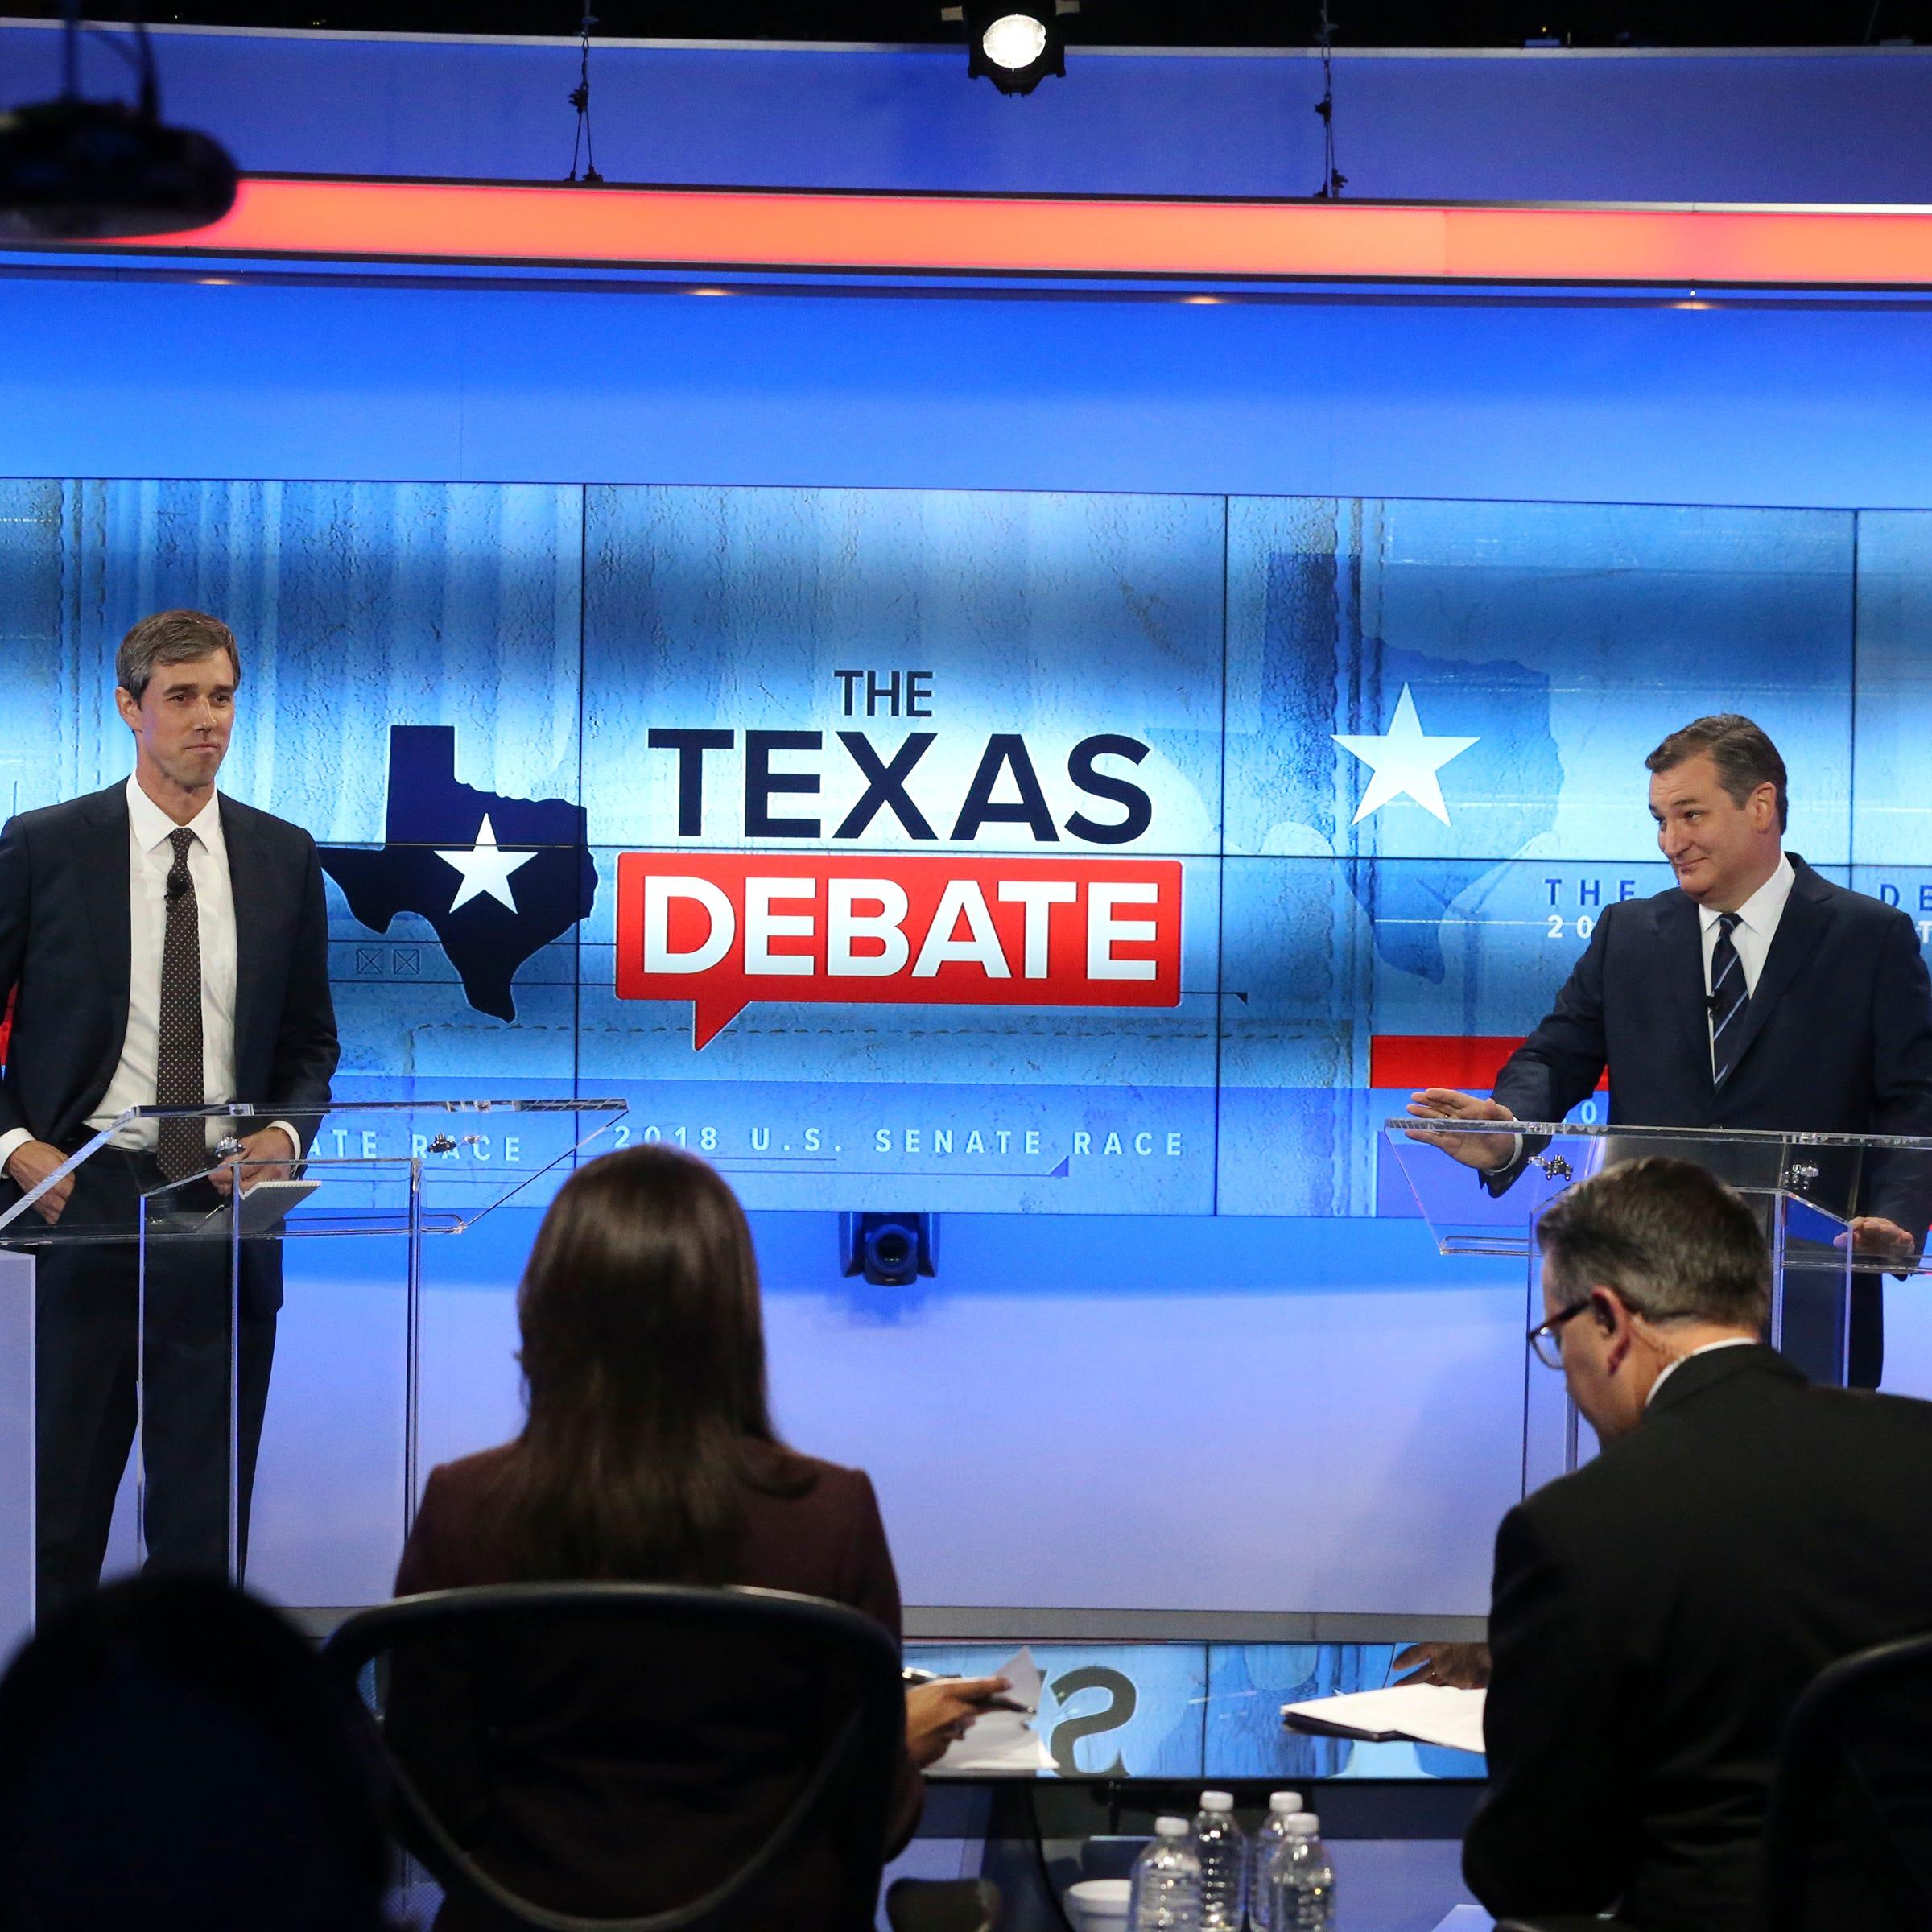 Beto-Cruz debate: Here's what happened in Ted Cruz, Beto O'Rourke's final debate